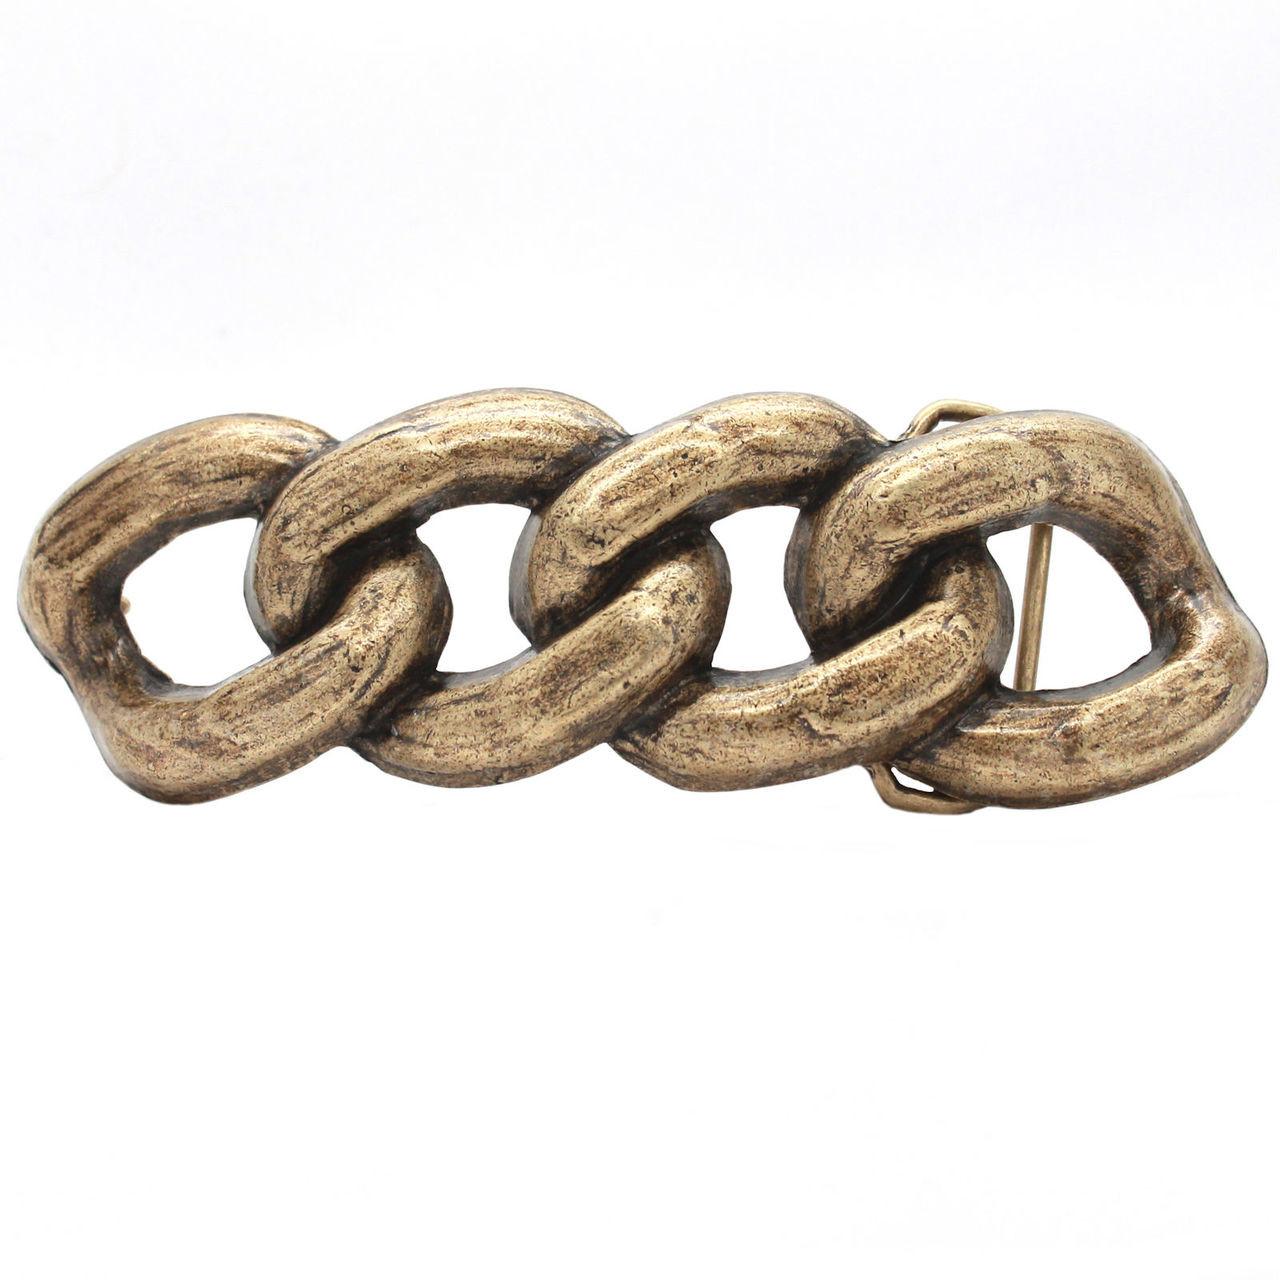 Chain Link Metal Belt Buckle Antique Brass 6009-09 USA